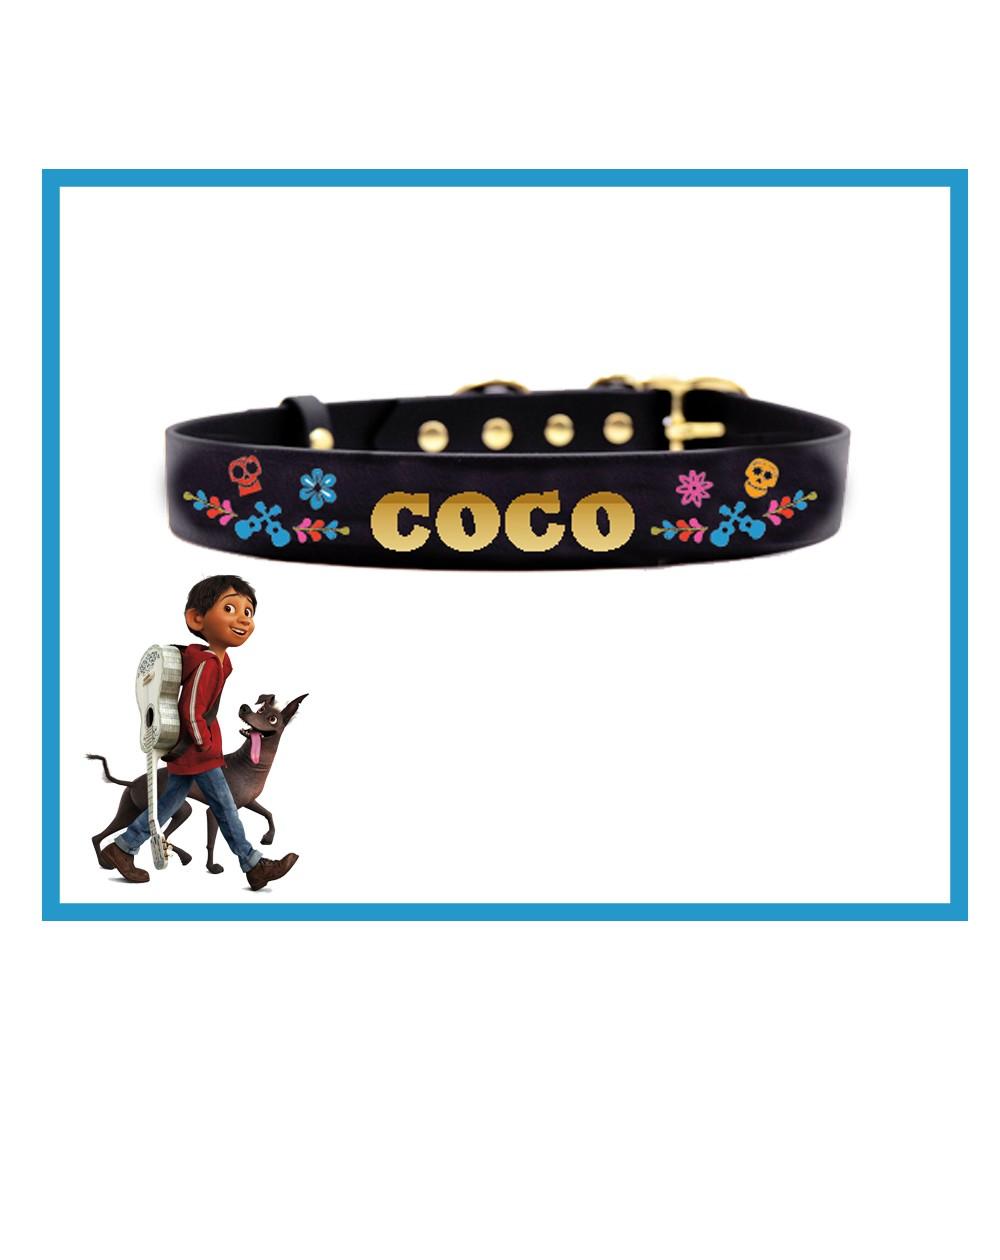 Collare personalizzato con nome per cani modello Coco